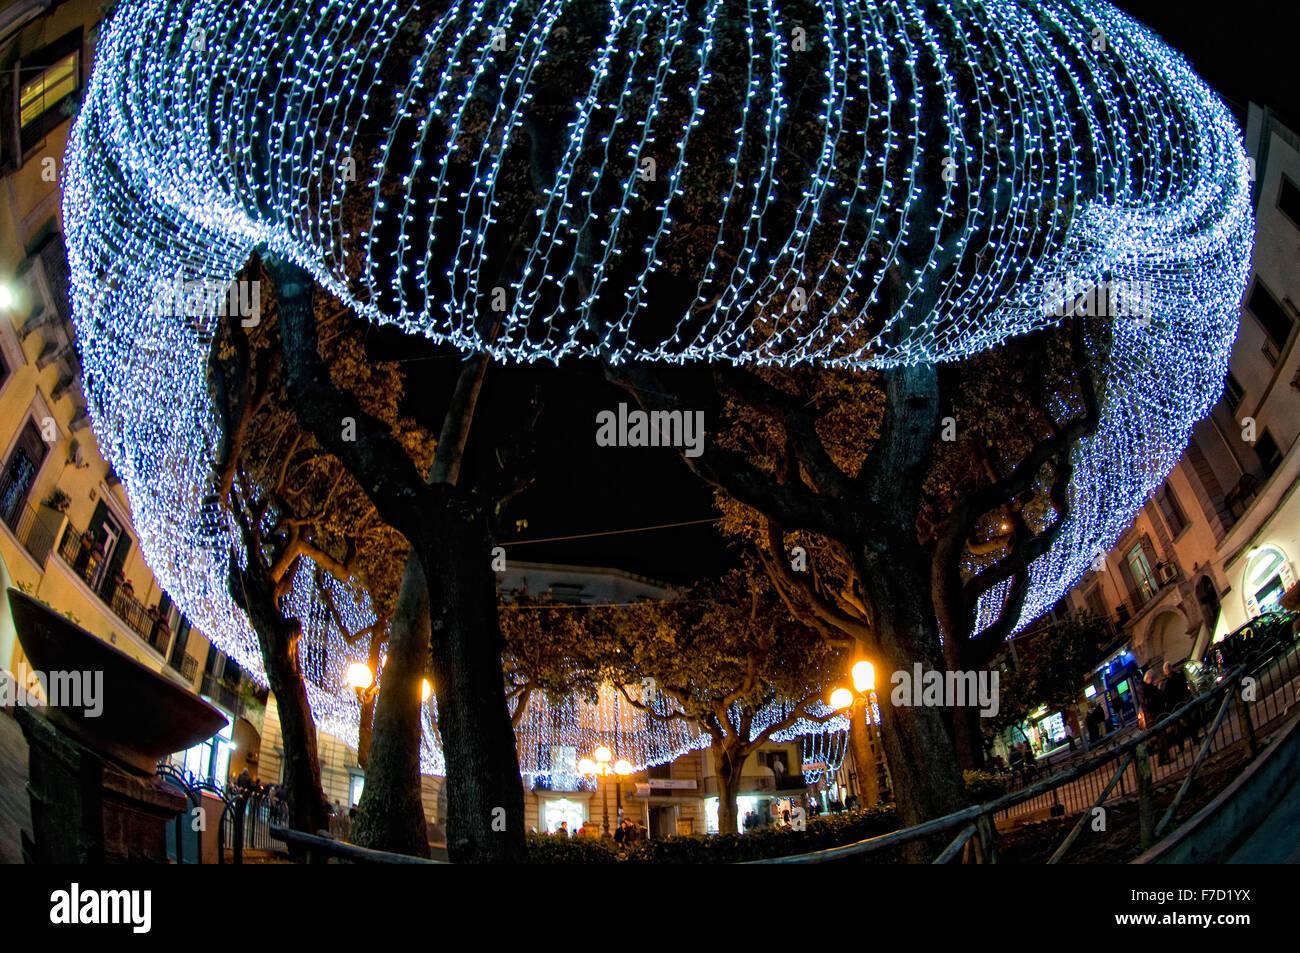 Christmas In Italy Decorations.Pozzuoli Italy 28th Nov 2015 Christmas Time At Pozzuoli